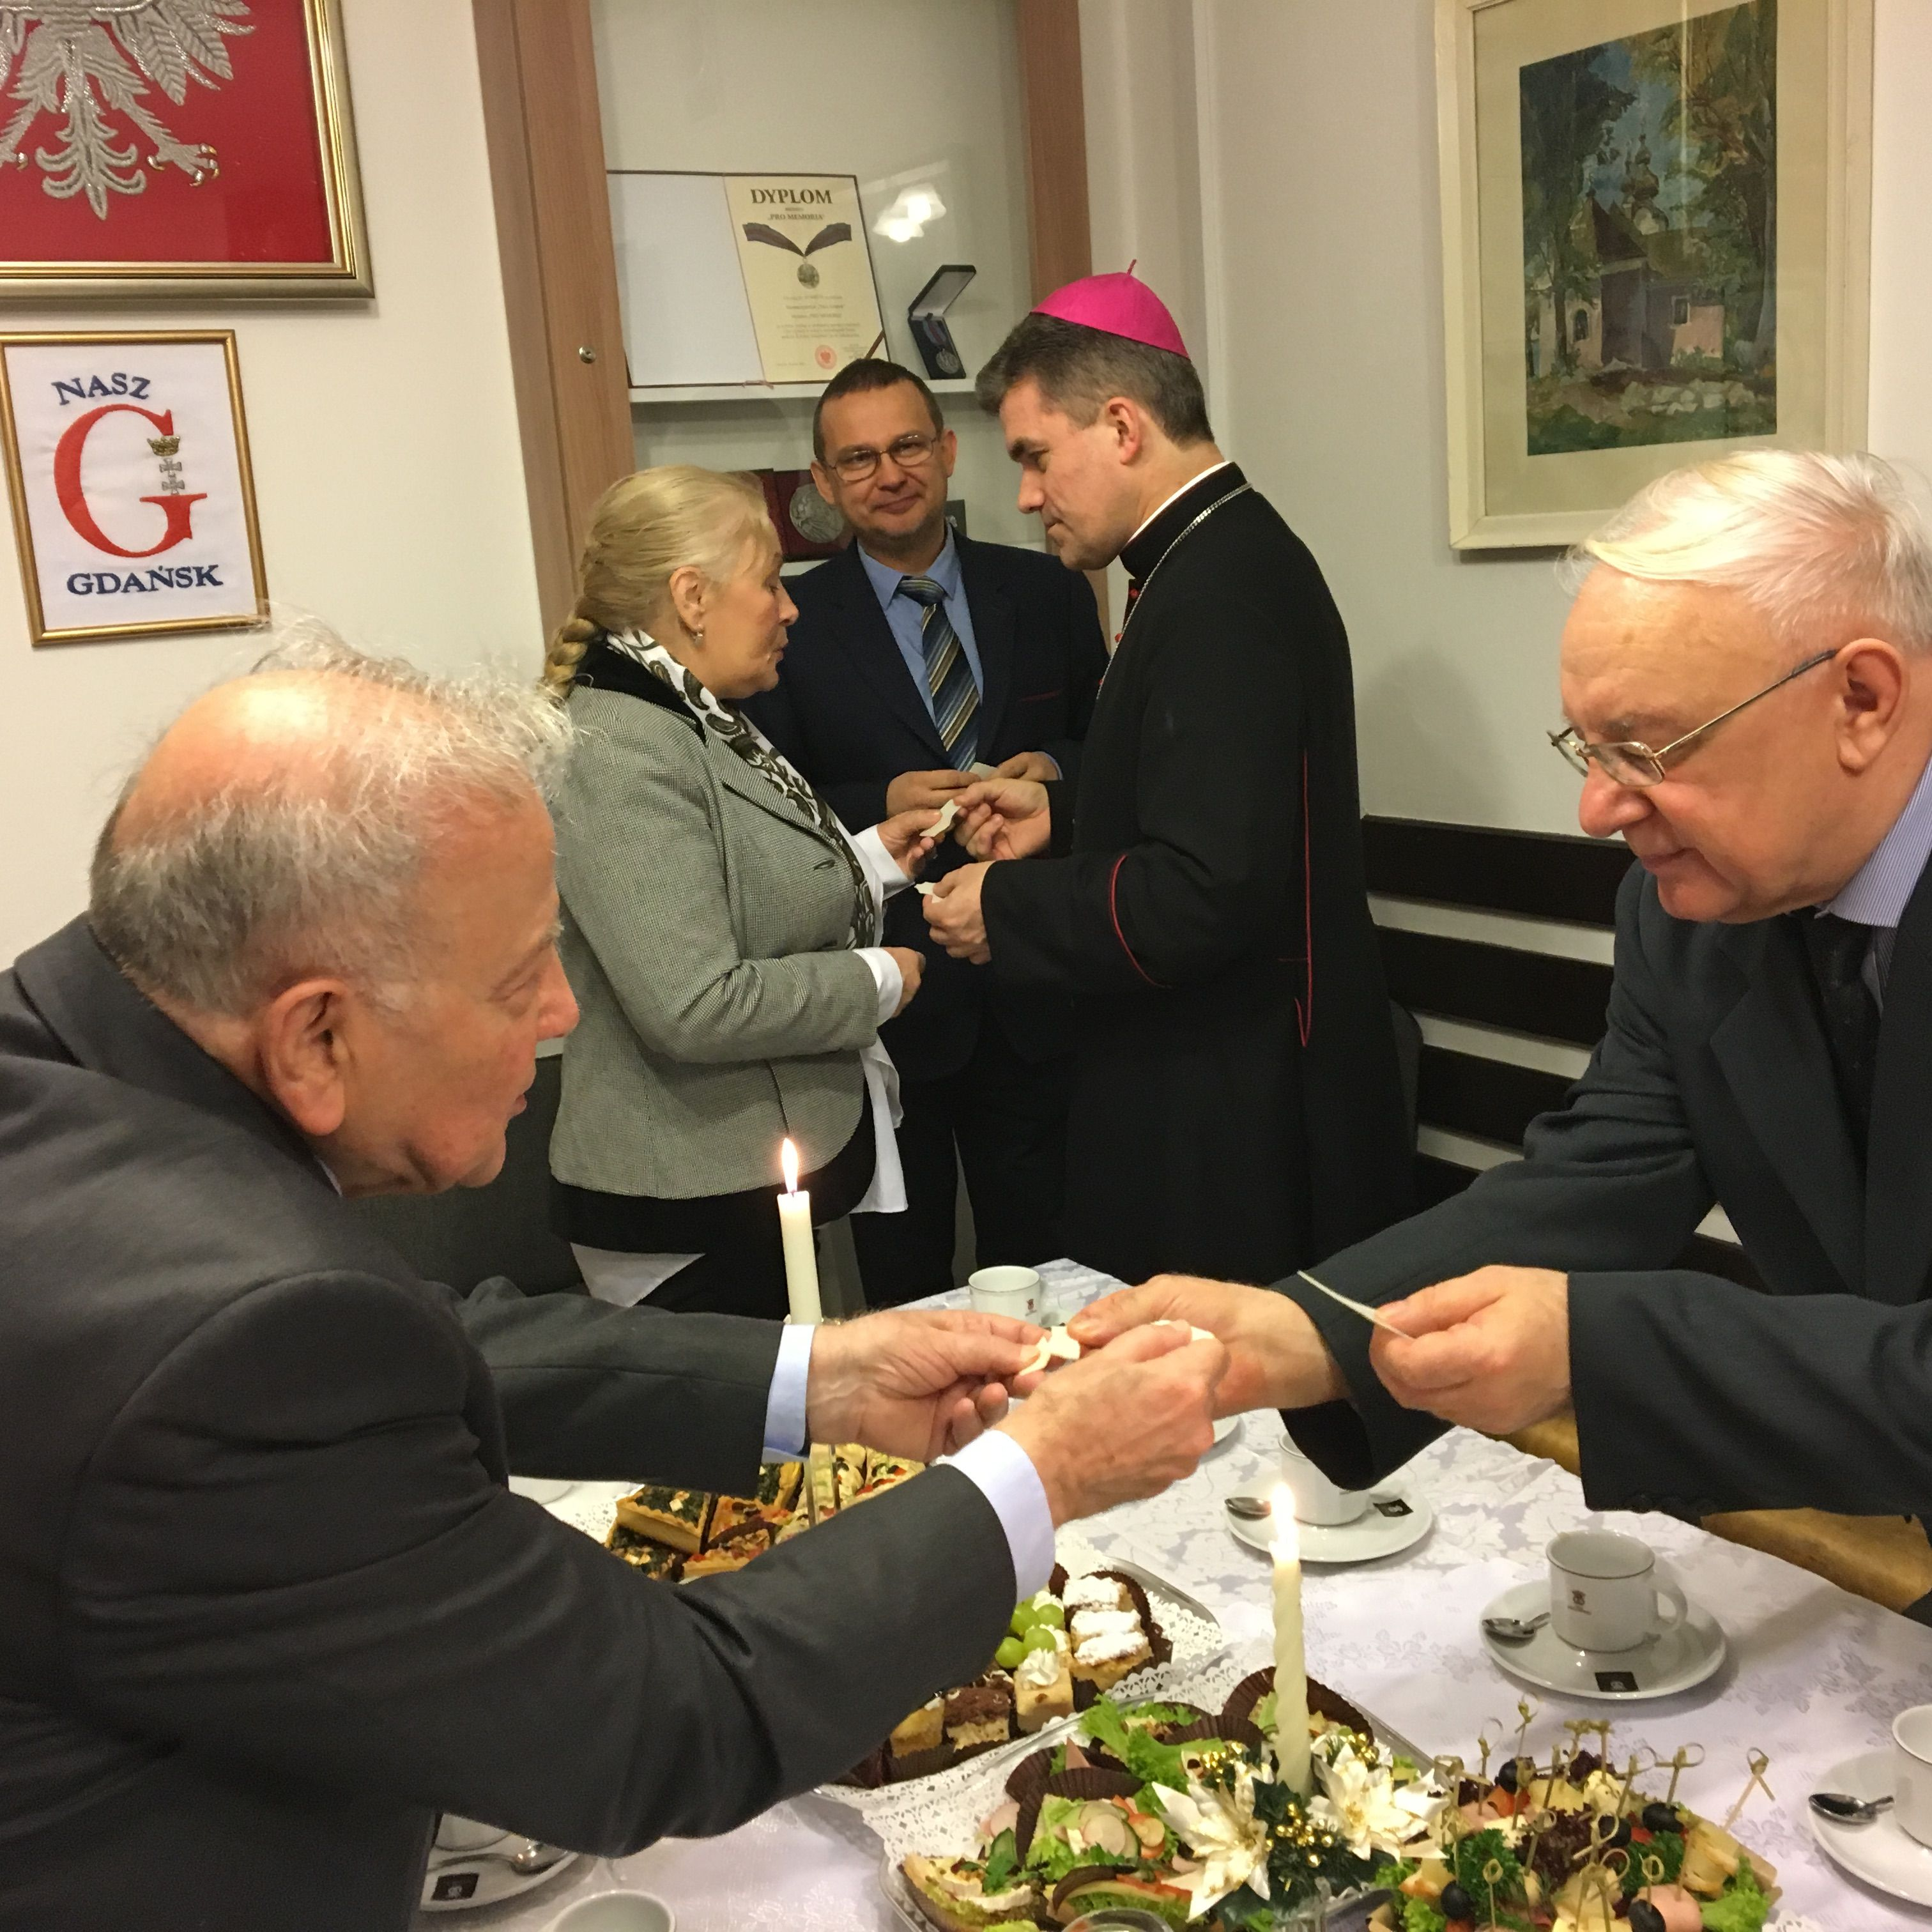 NG Opłatek z biskupem fot_J_Wikowski IMG_1698 — kopia